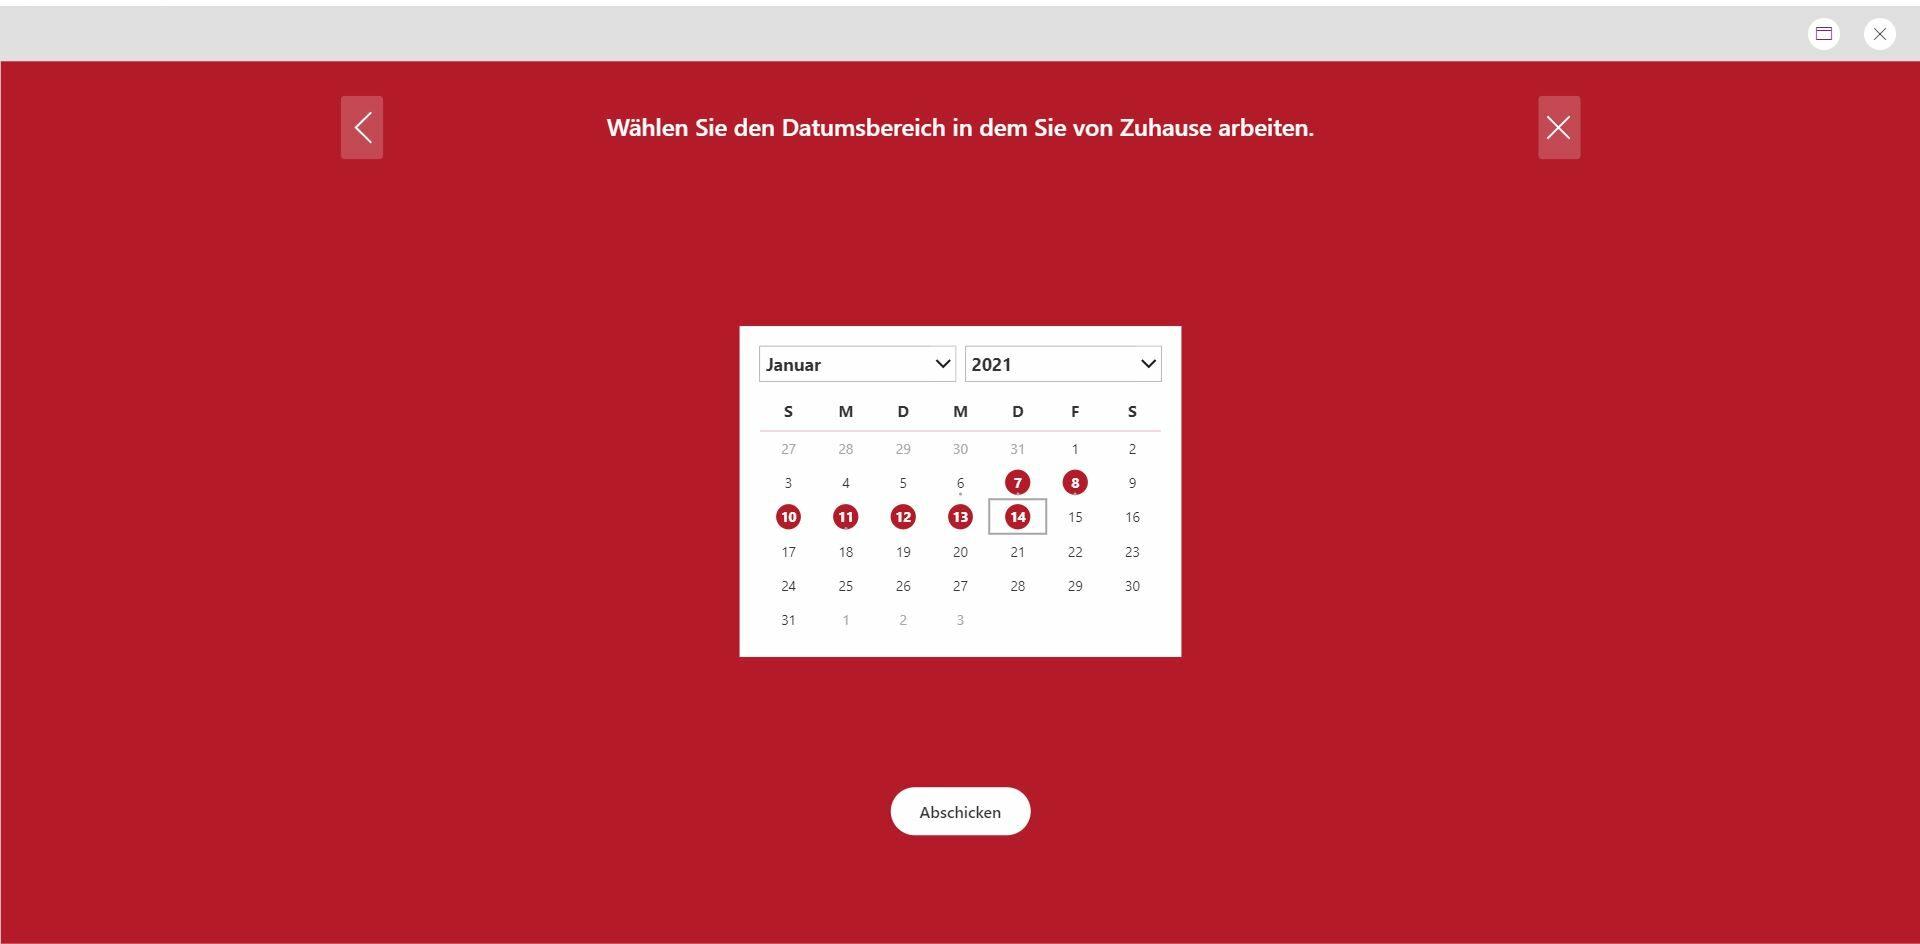 Power Apps Auswahl_Arbeit_von_Zuhause_Browser Krisenmanagement